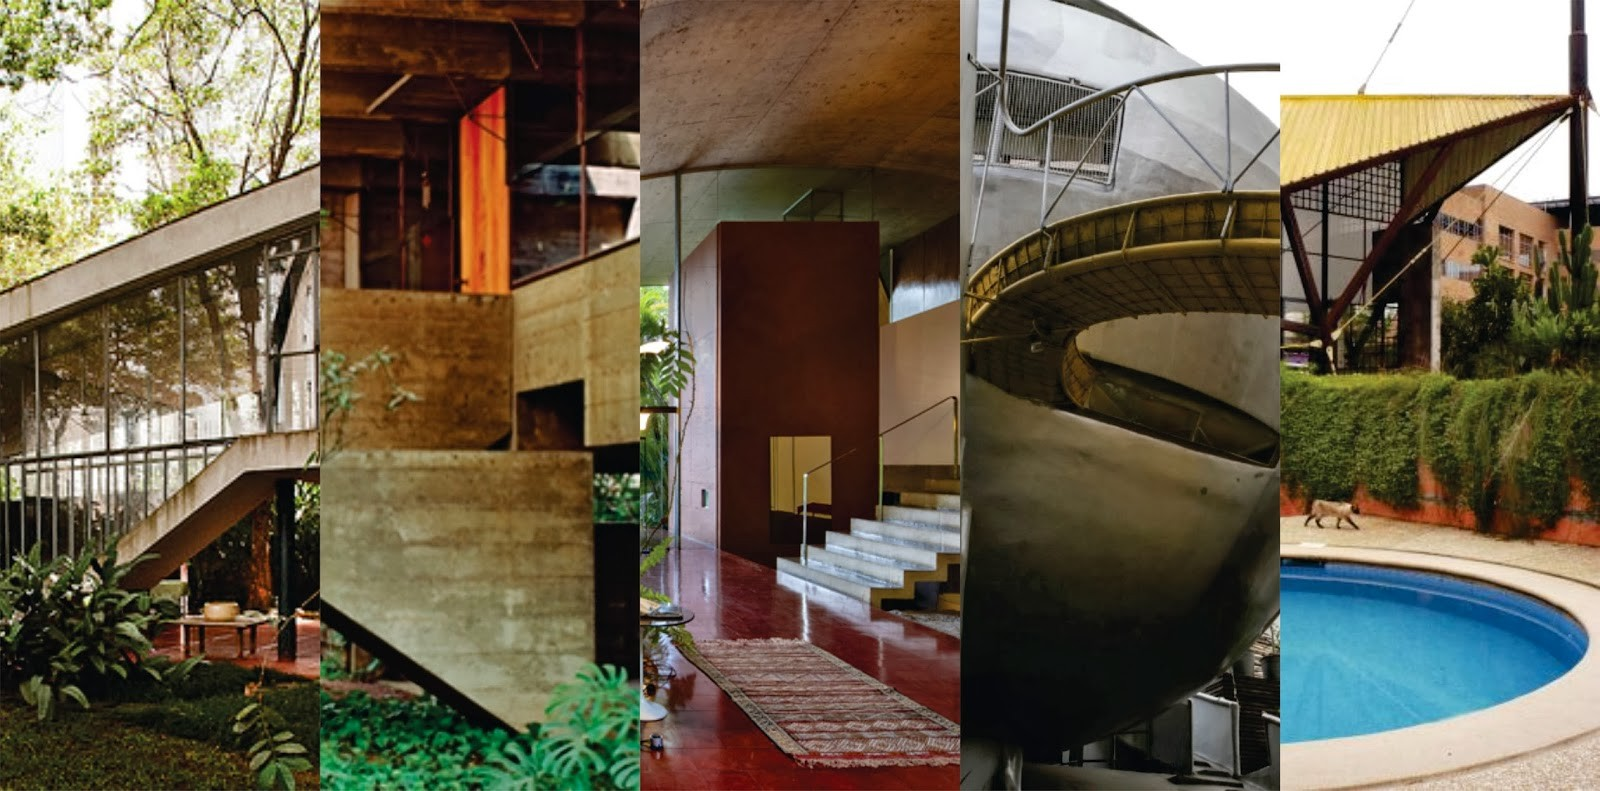 """Série """"Arquiteturas"""" será reapresentada pelo canal SescTV , Courtesy of comover-arq"""